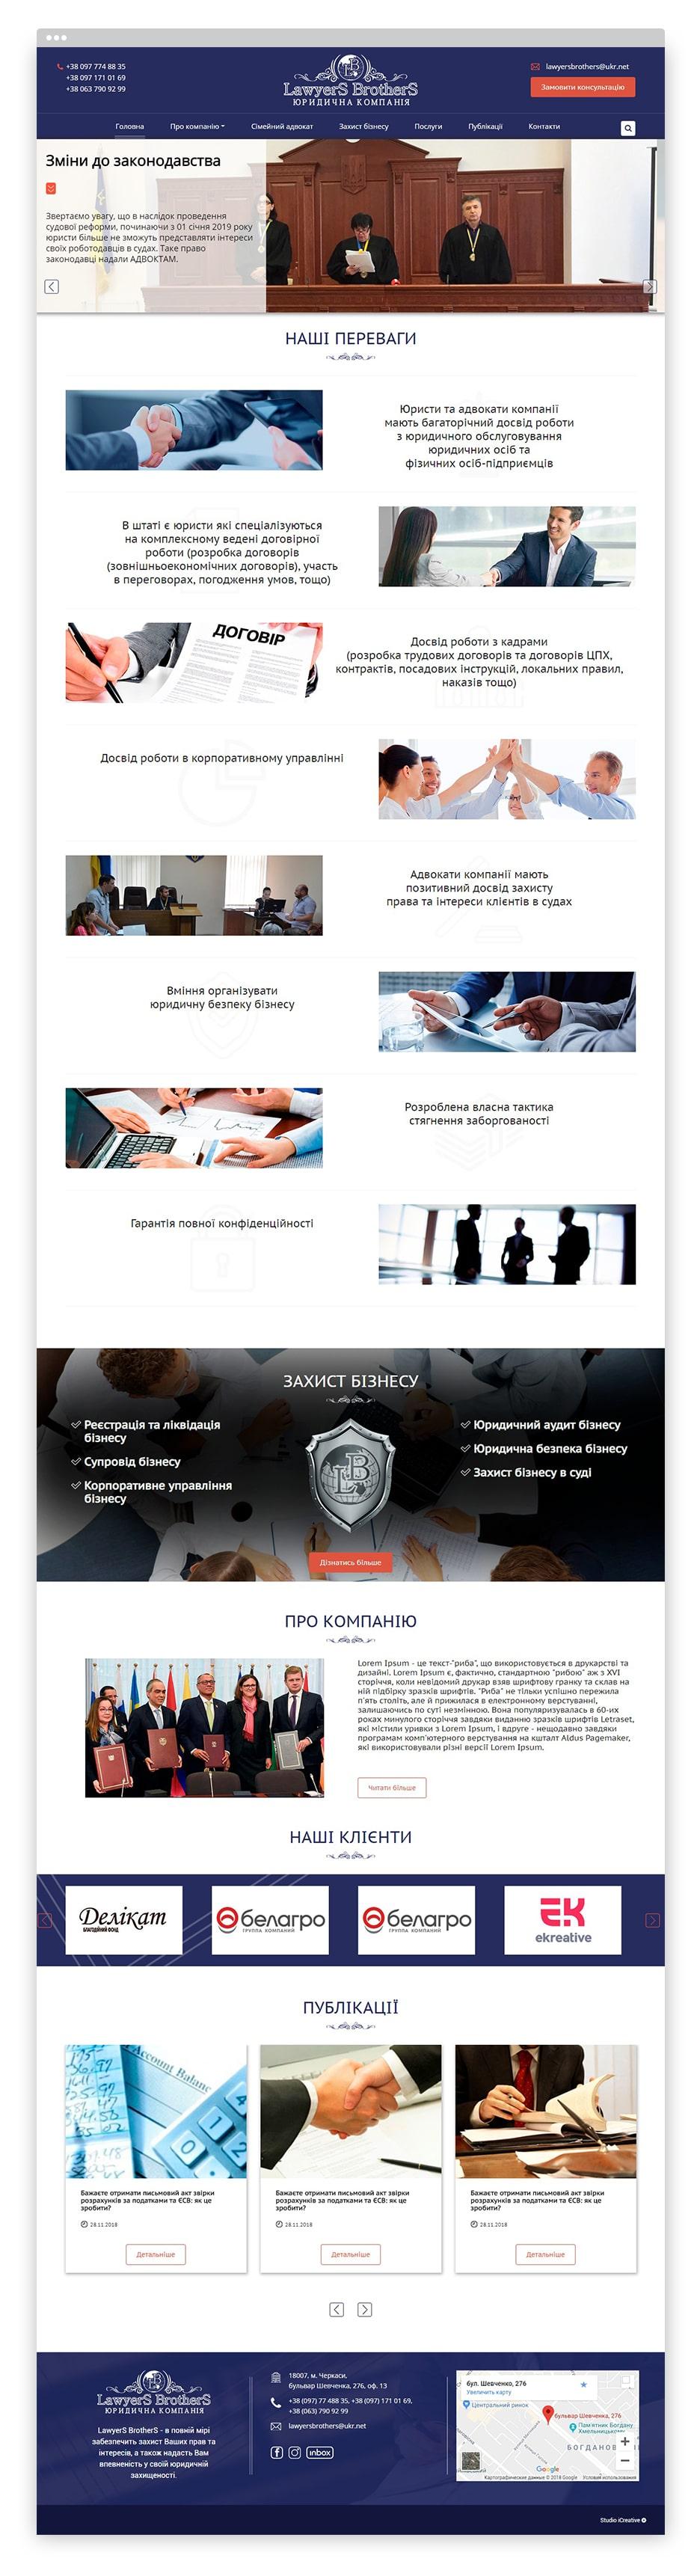 icreative.com.ua_lawyers_brothers_1-min